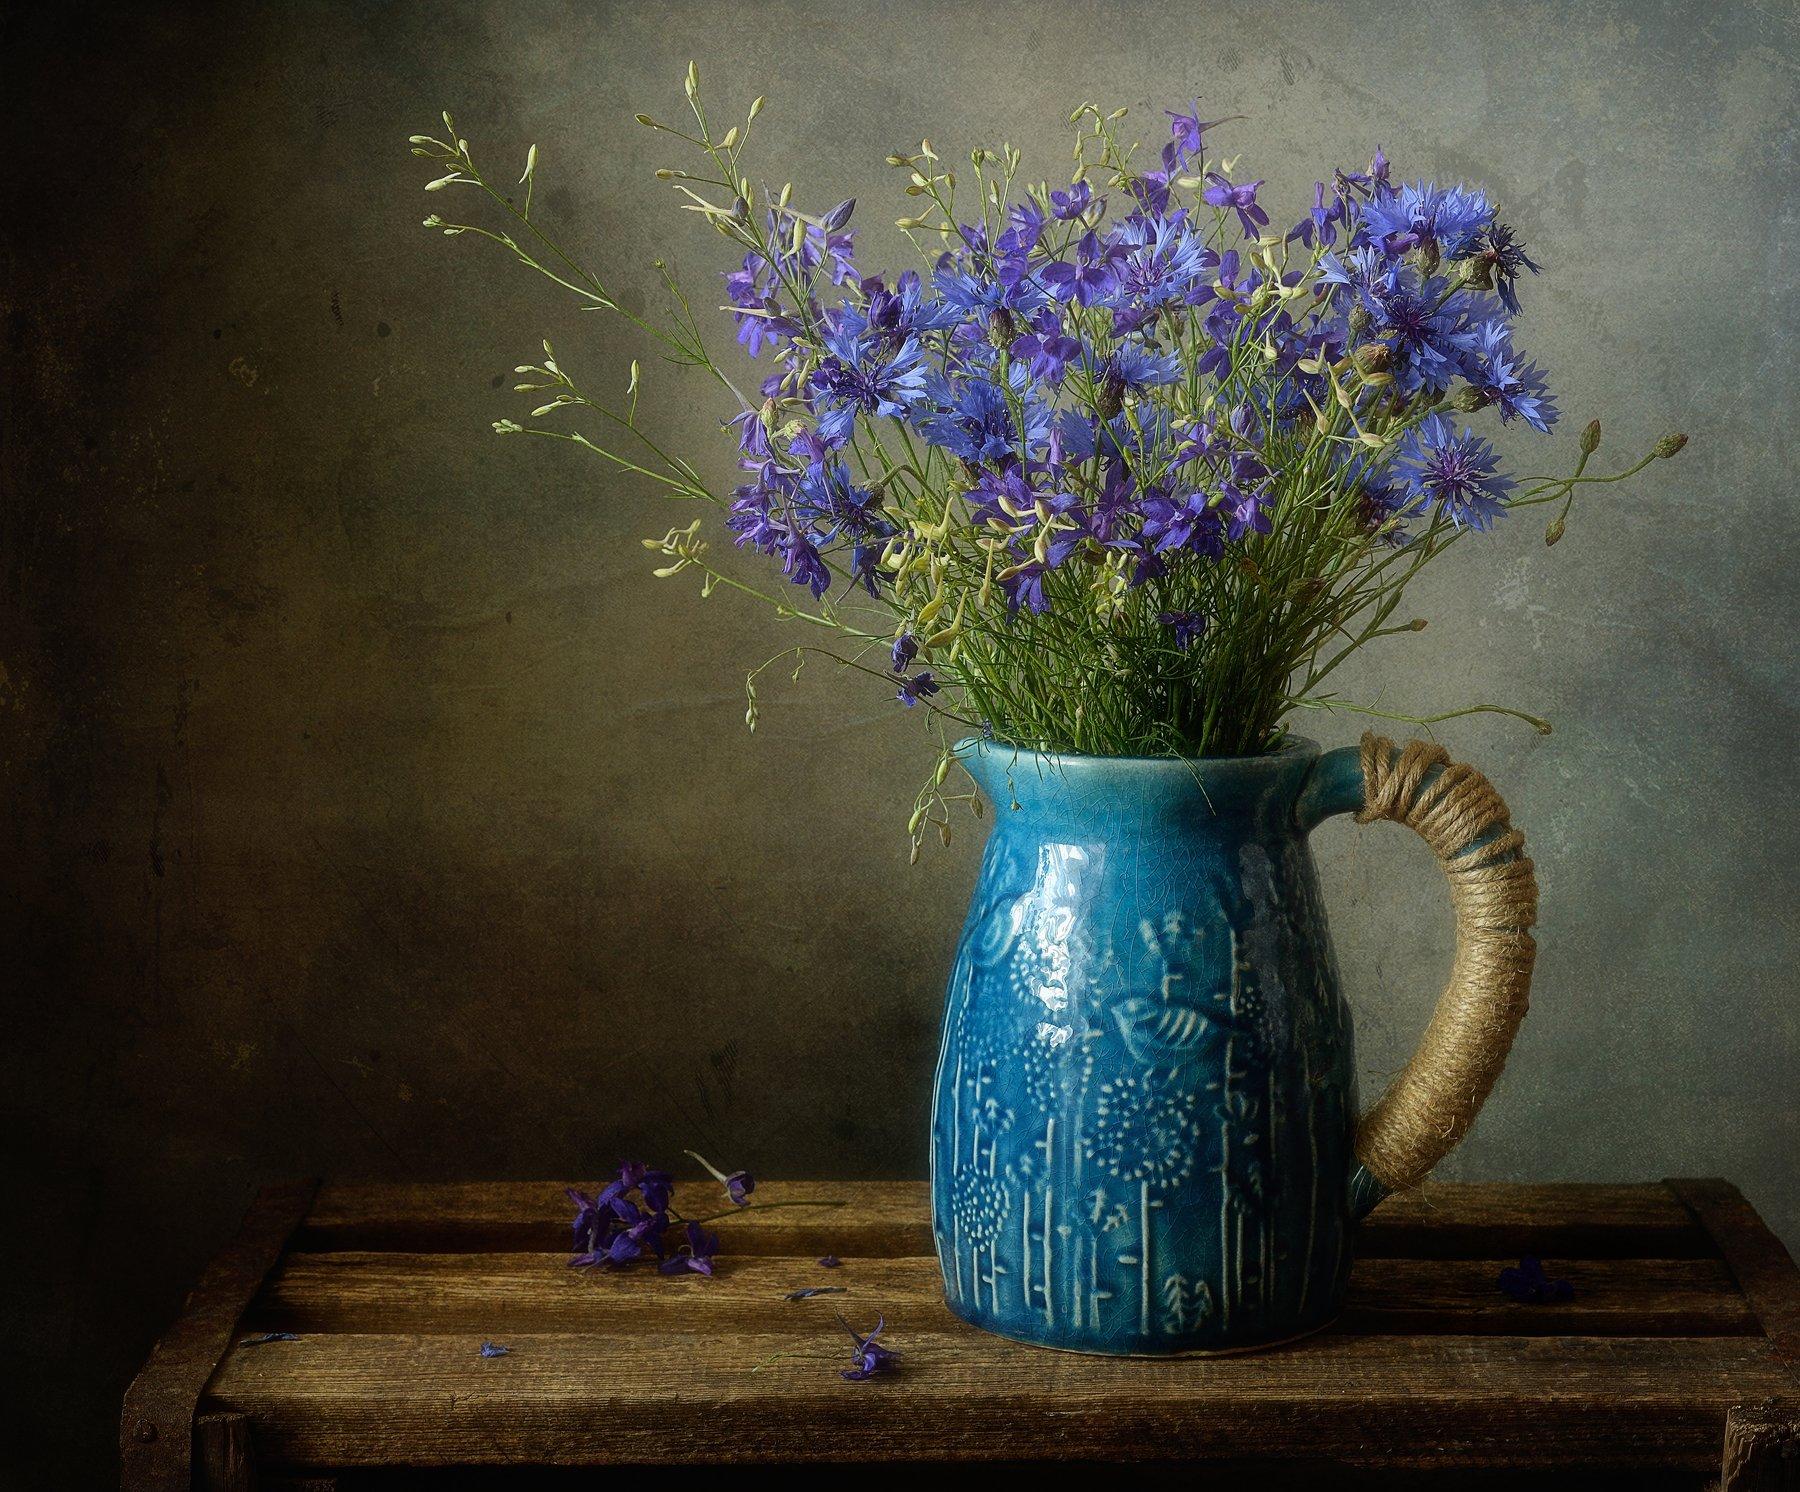 натюрморт,still life,васильки,сокирки,букет,цветы, Наталия К